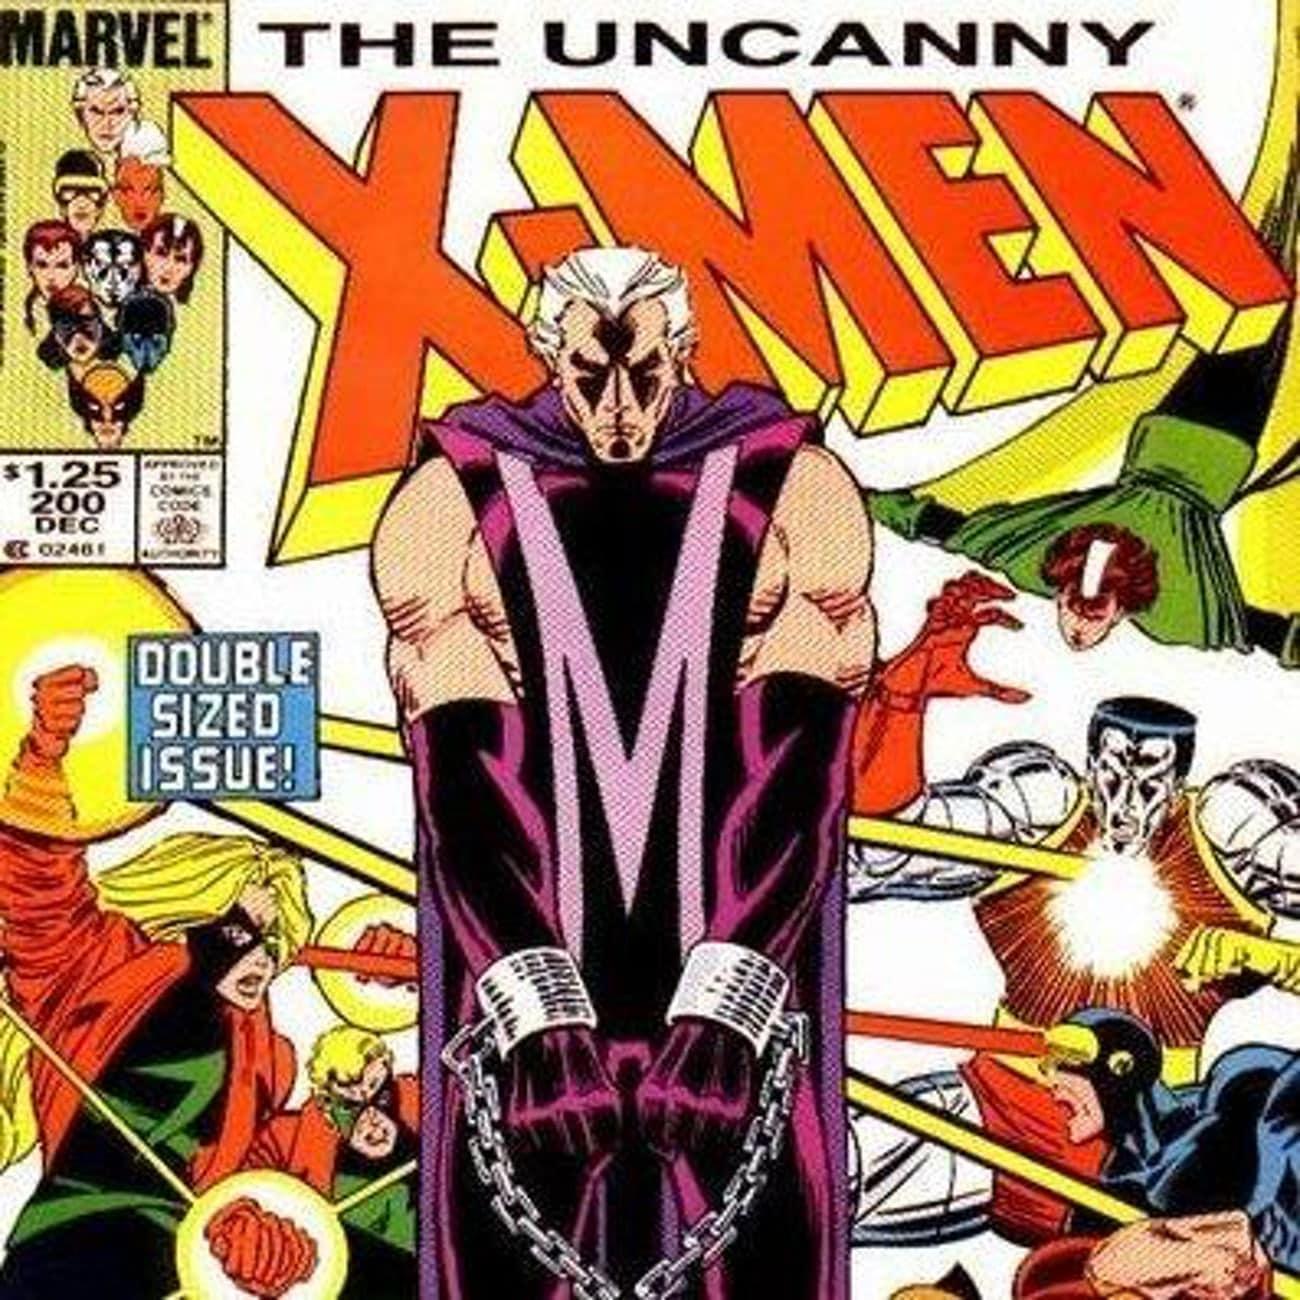 Хороший парень Магнето занесен (или занимает) 4-е место в списке 10 самых неудачных дизайнов костюмов супергероев за всю историю